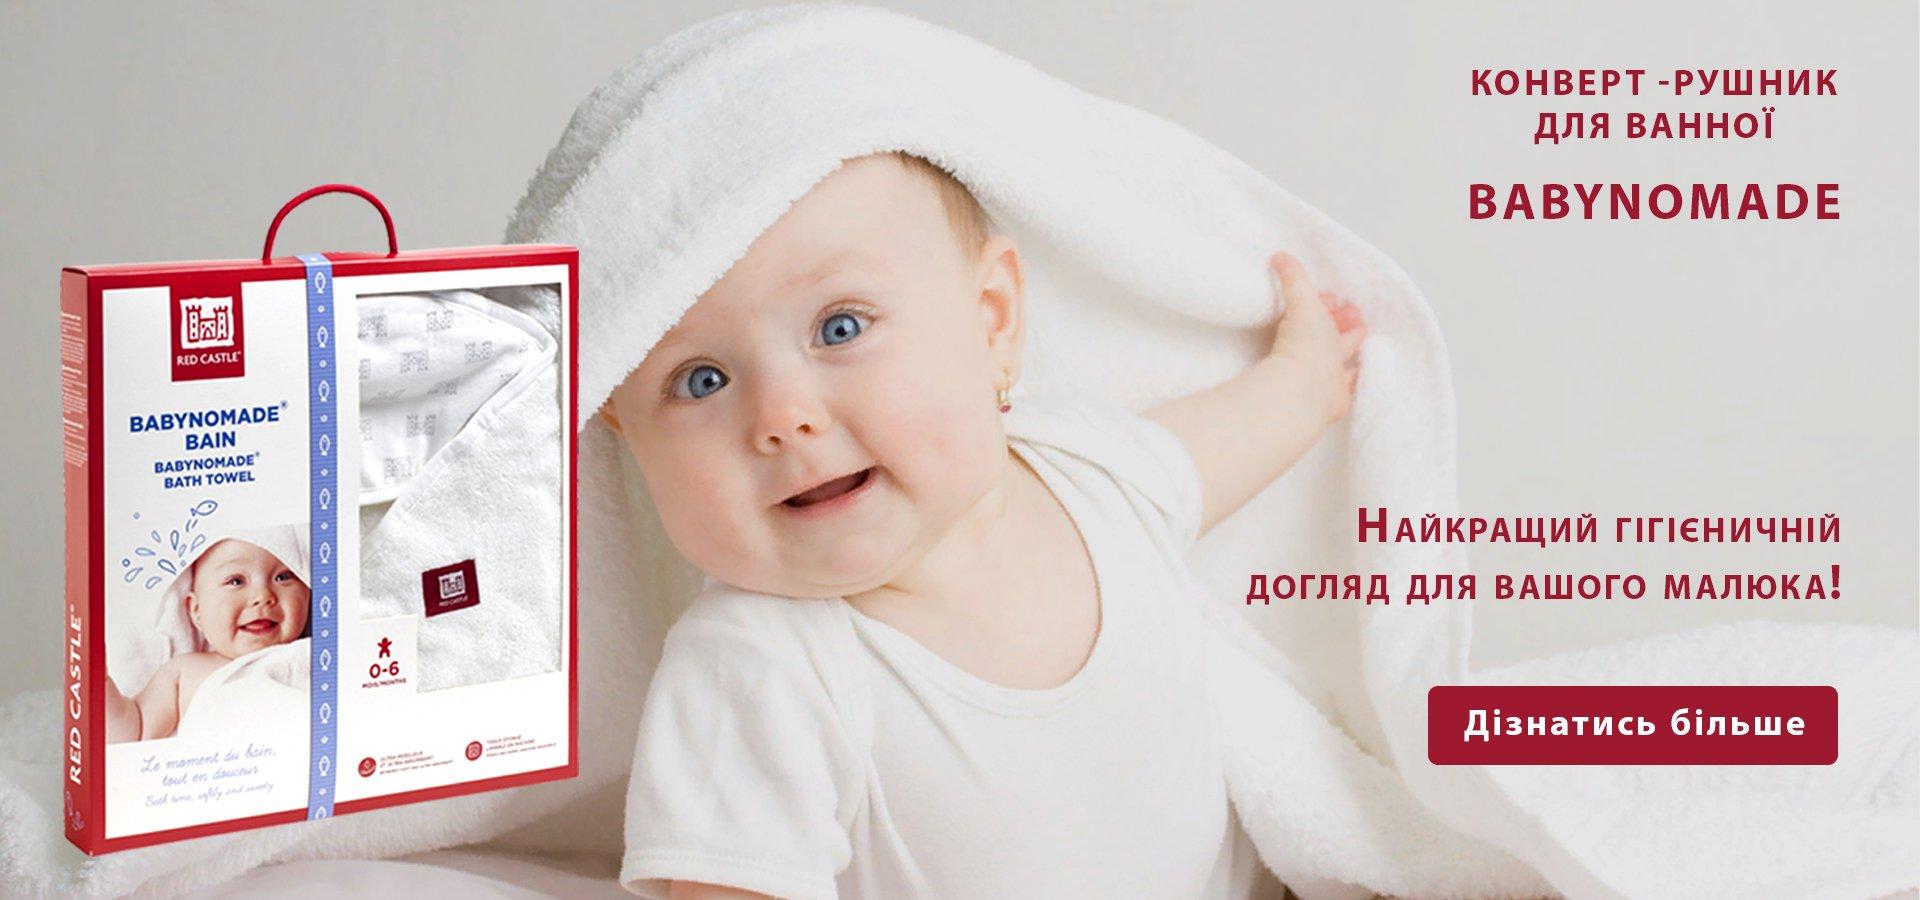 Конверт рушник Babynomade